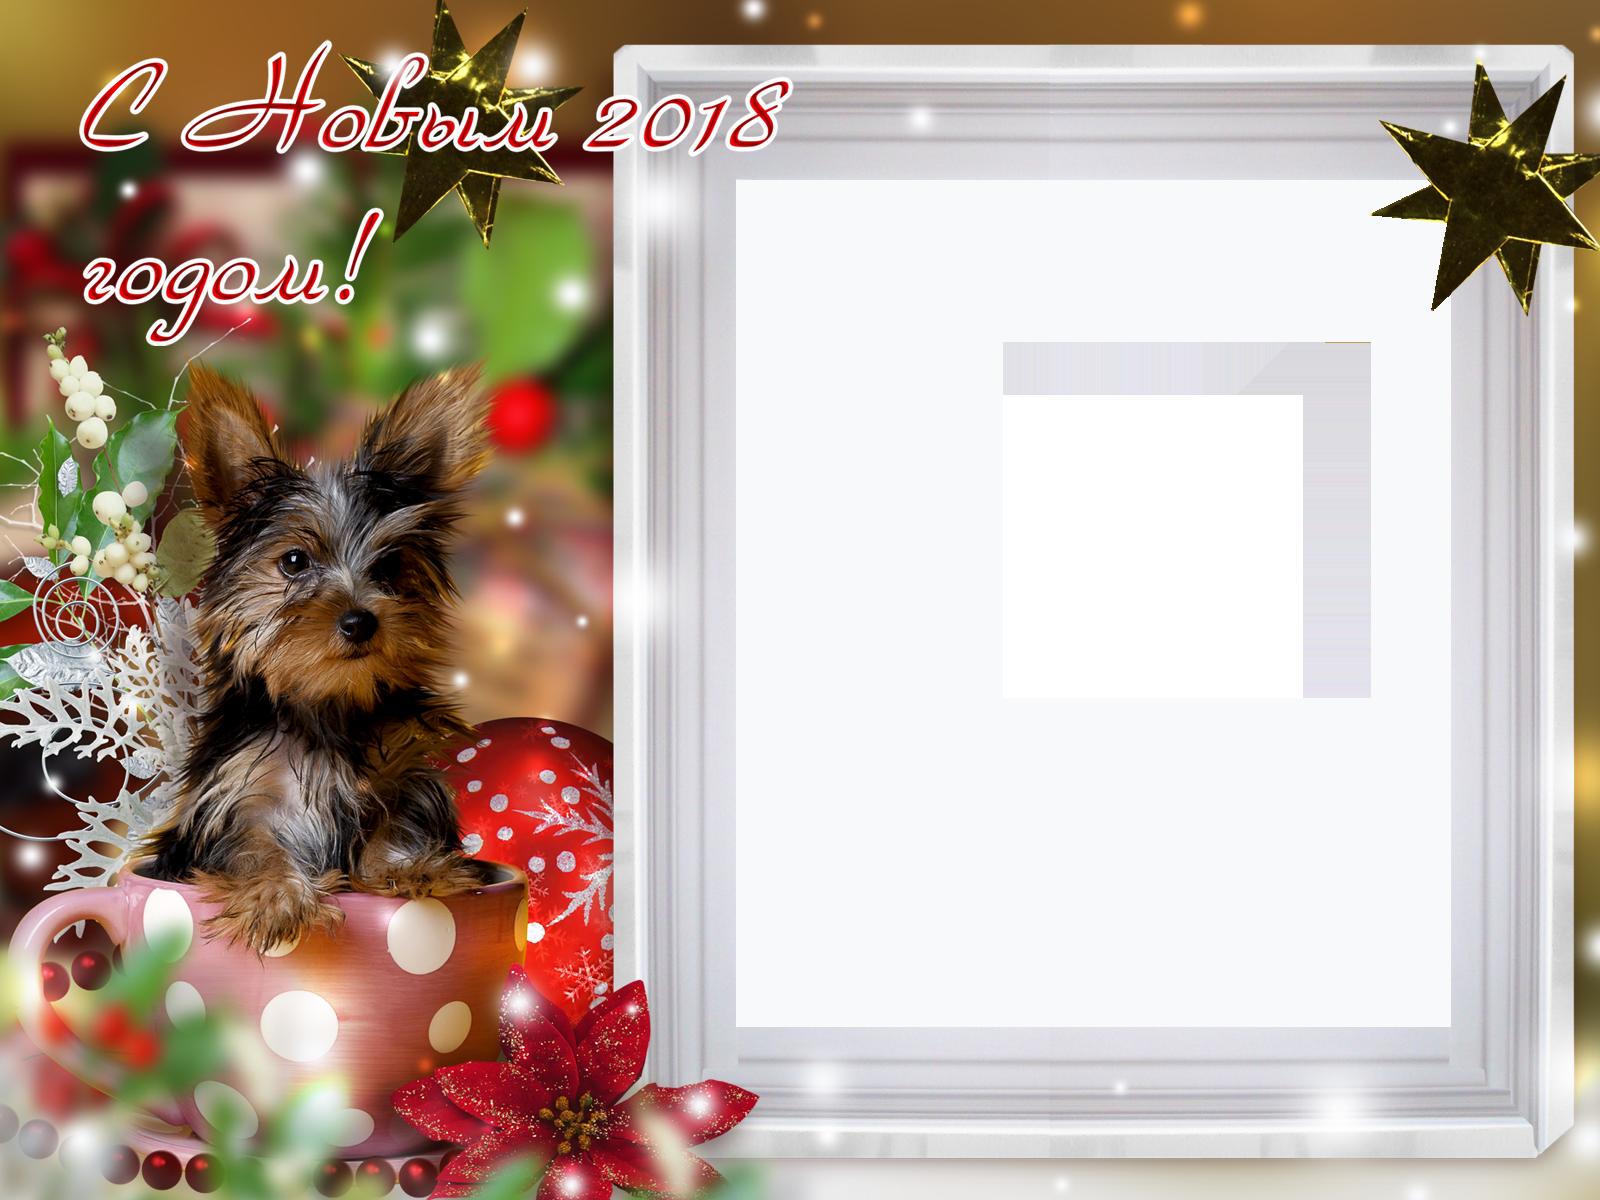 Фоторамка С Новым 2018 годом Фоторамка для фотошопа, PNG шаблон. Новогодняя рамка с собачкой, новогодними шарами.